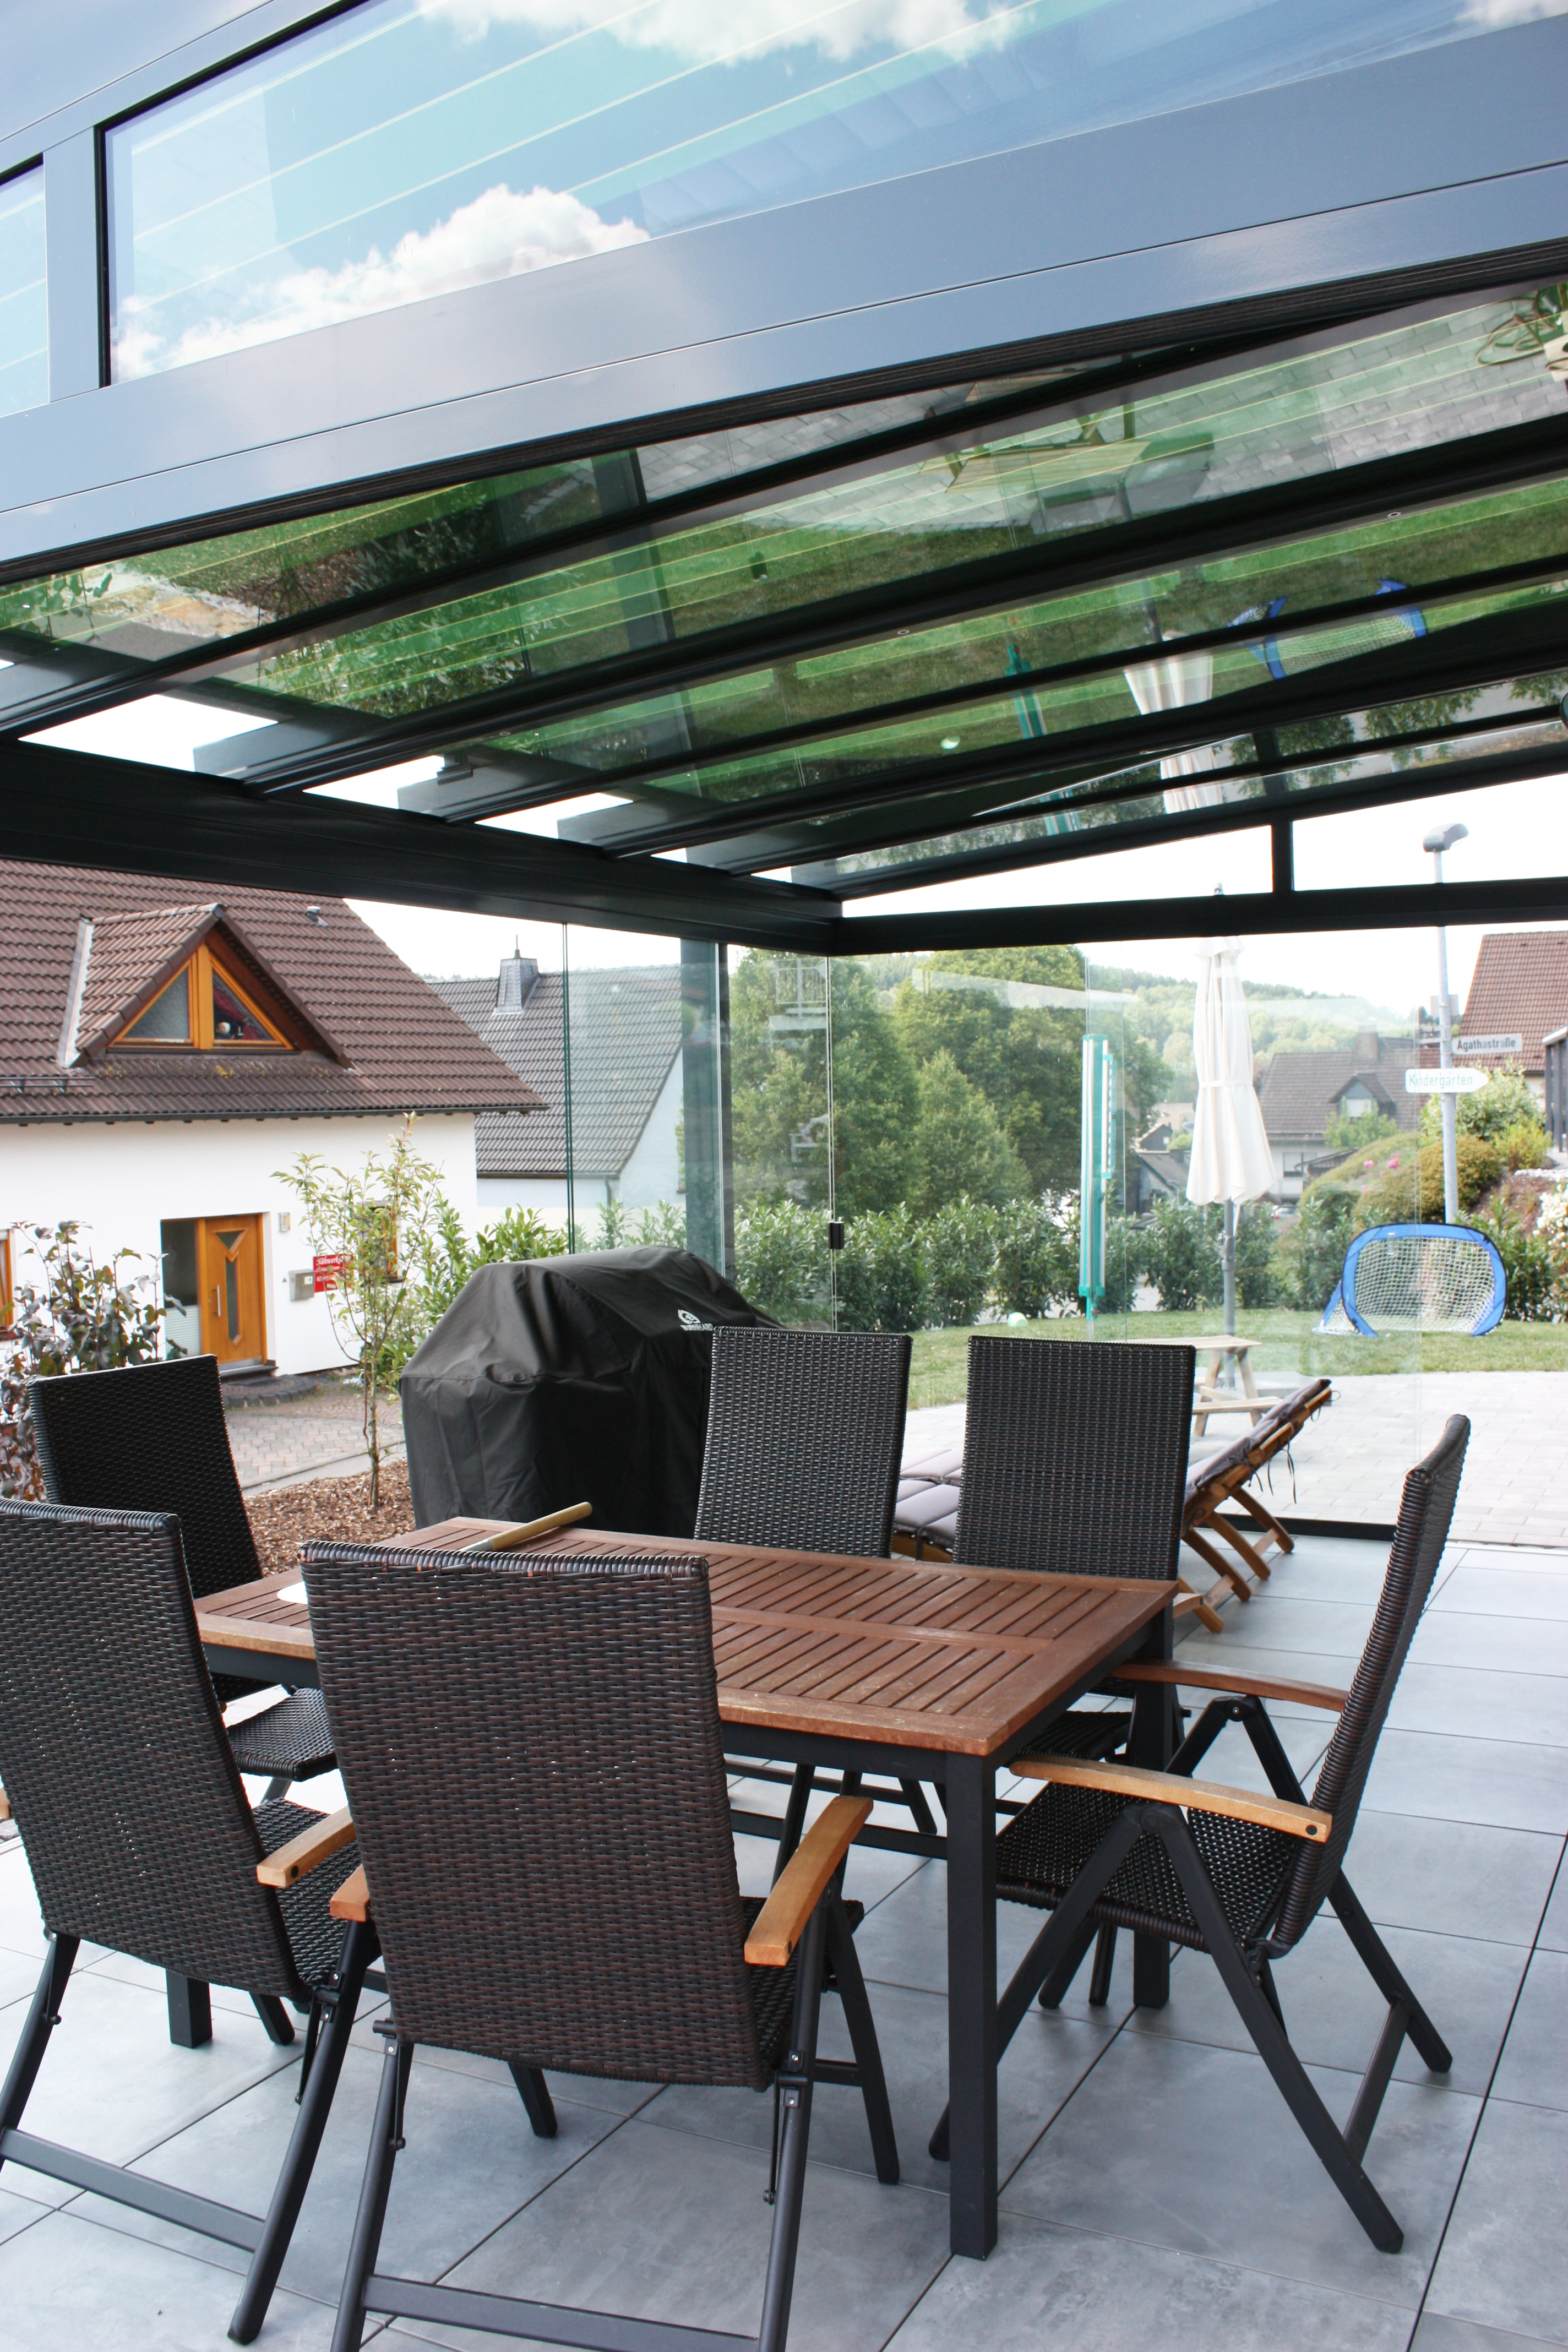 Wintergarten Überdachung mit Seitenwänden aus Glas